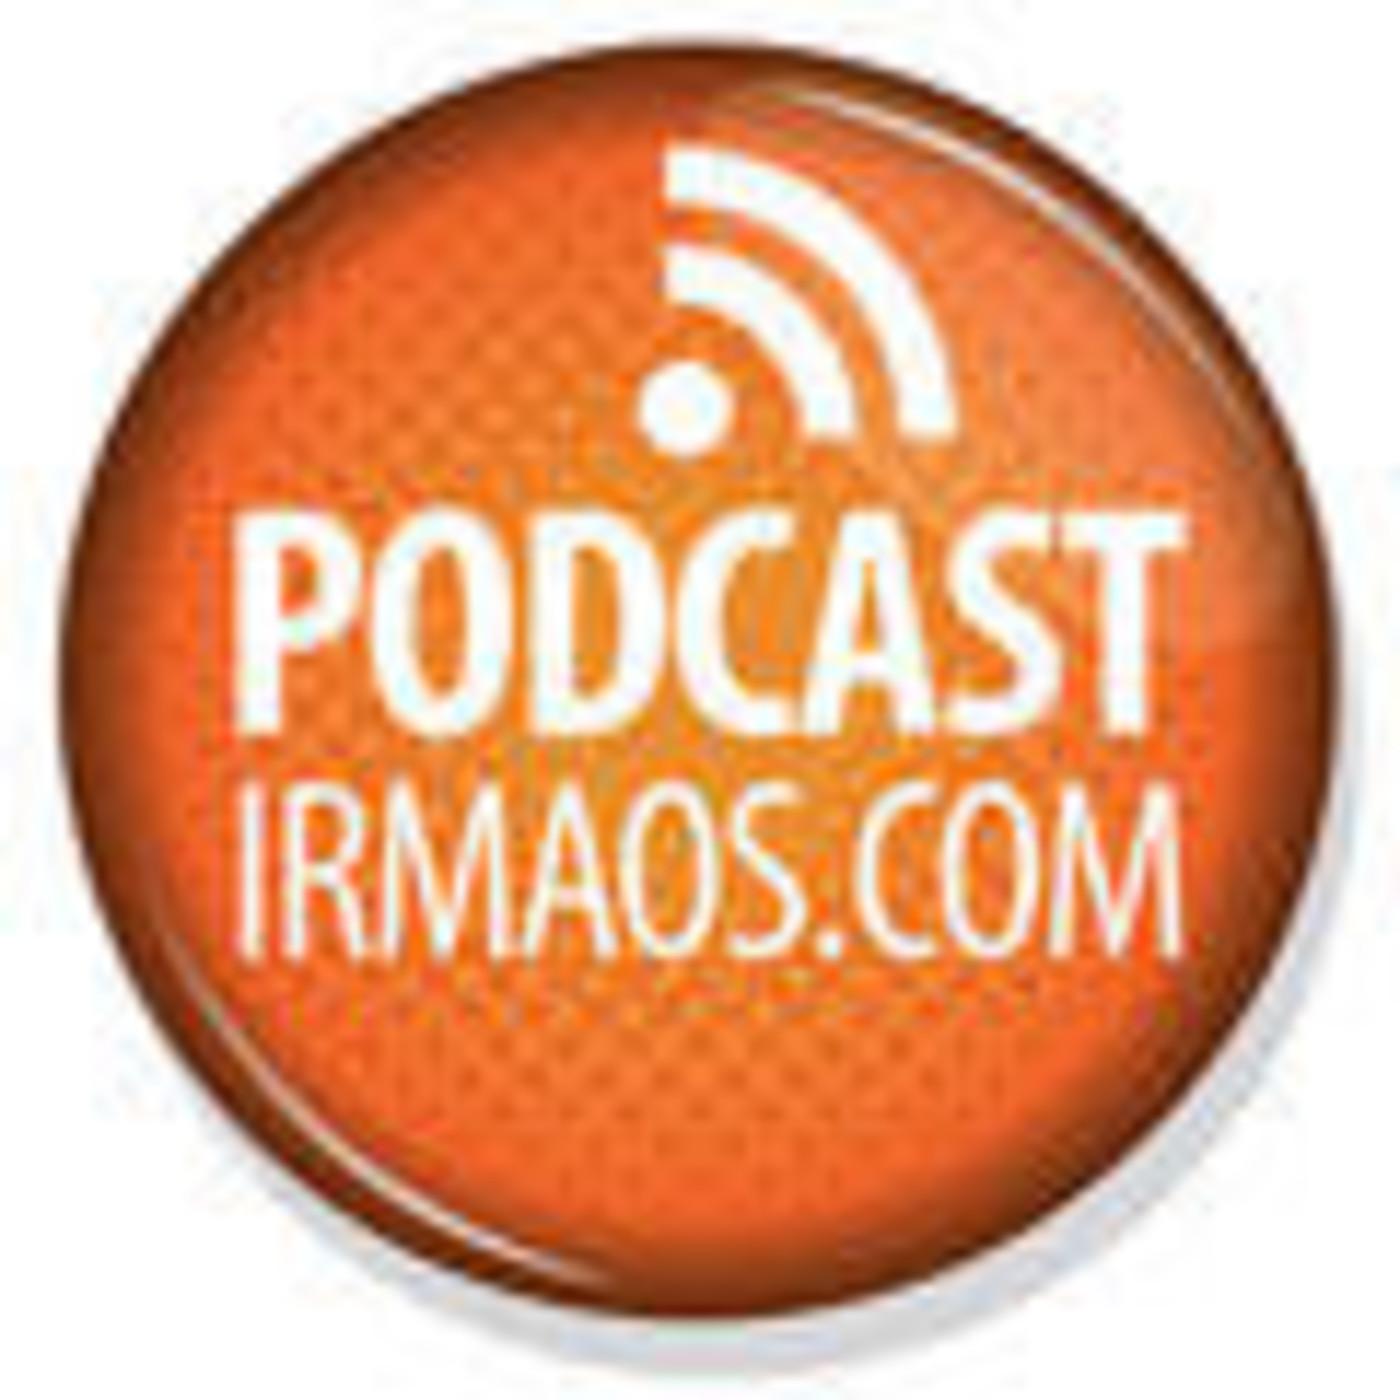 irmaos.com